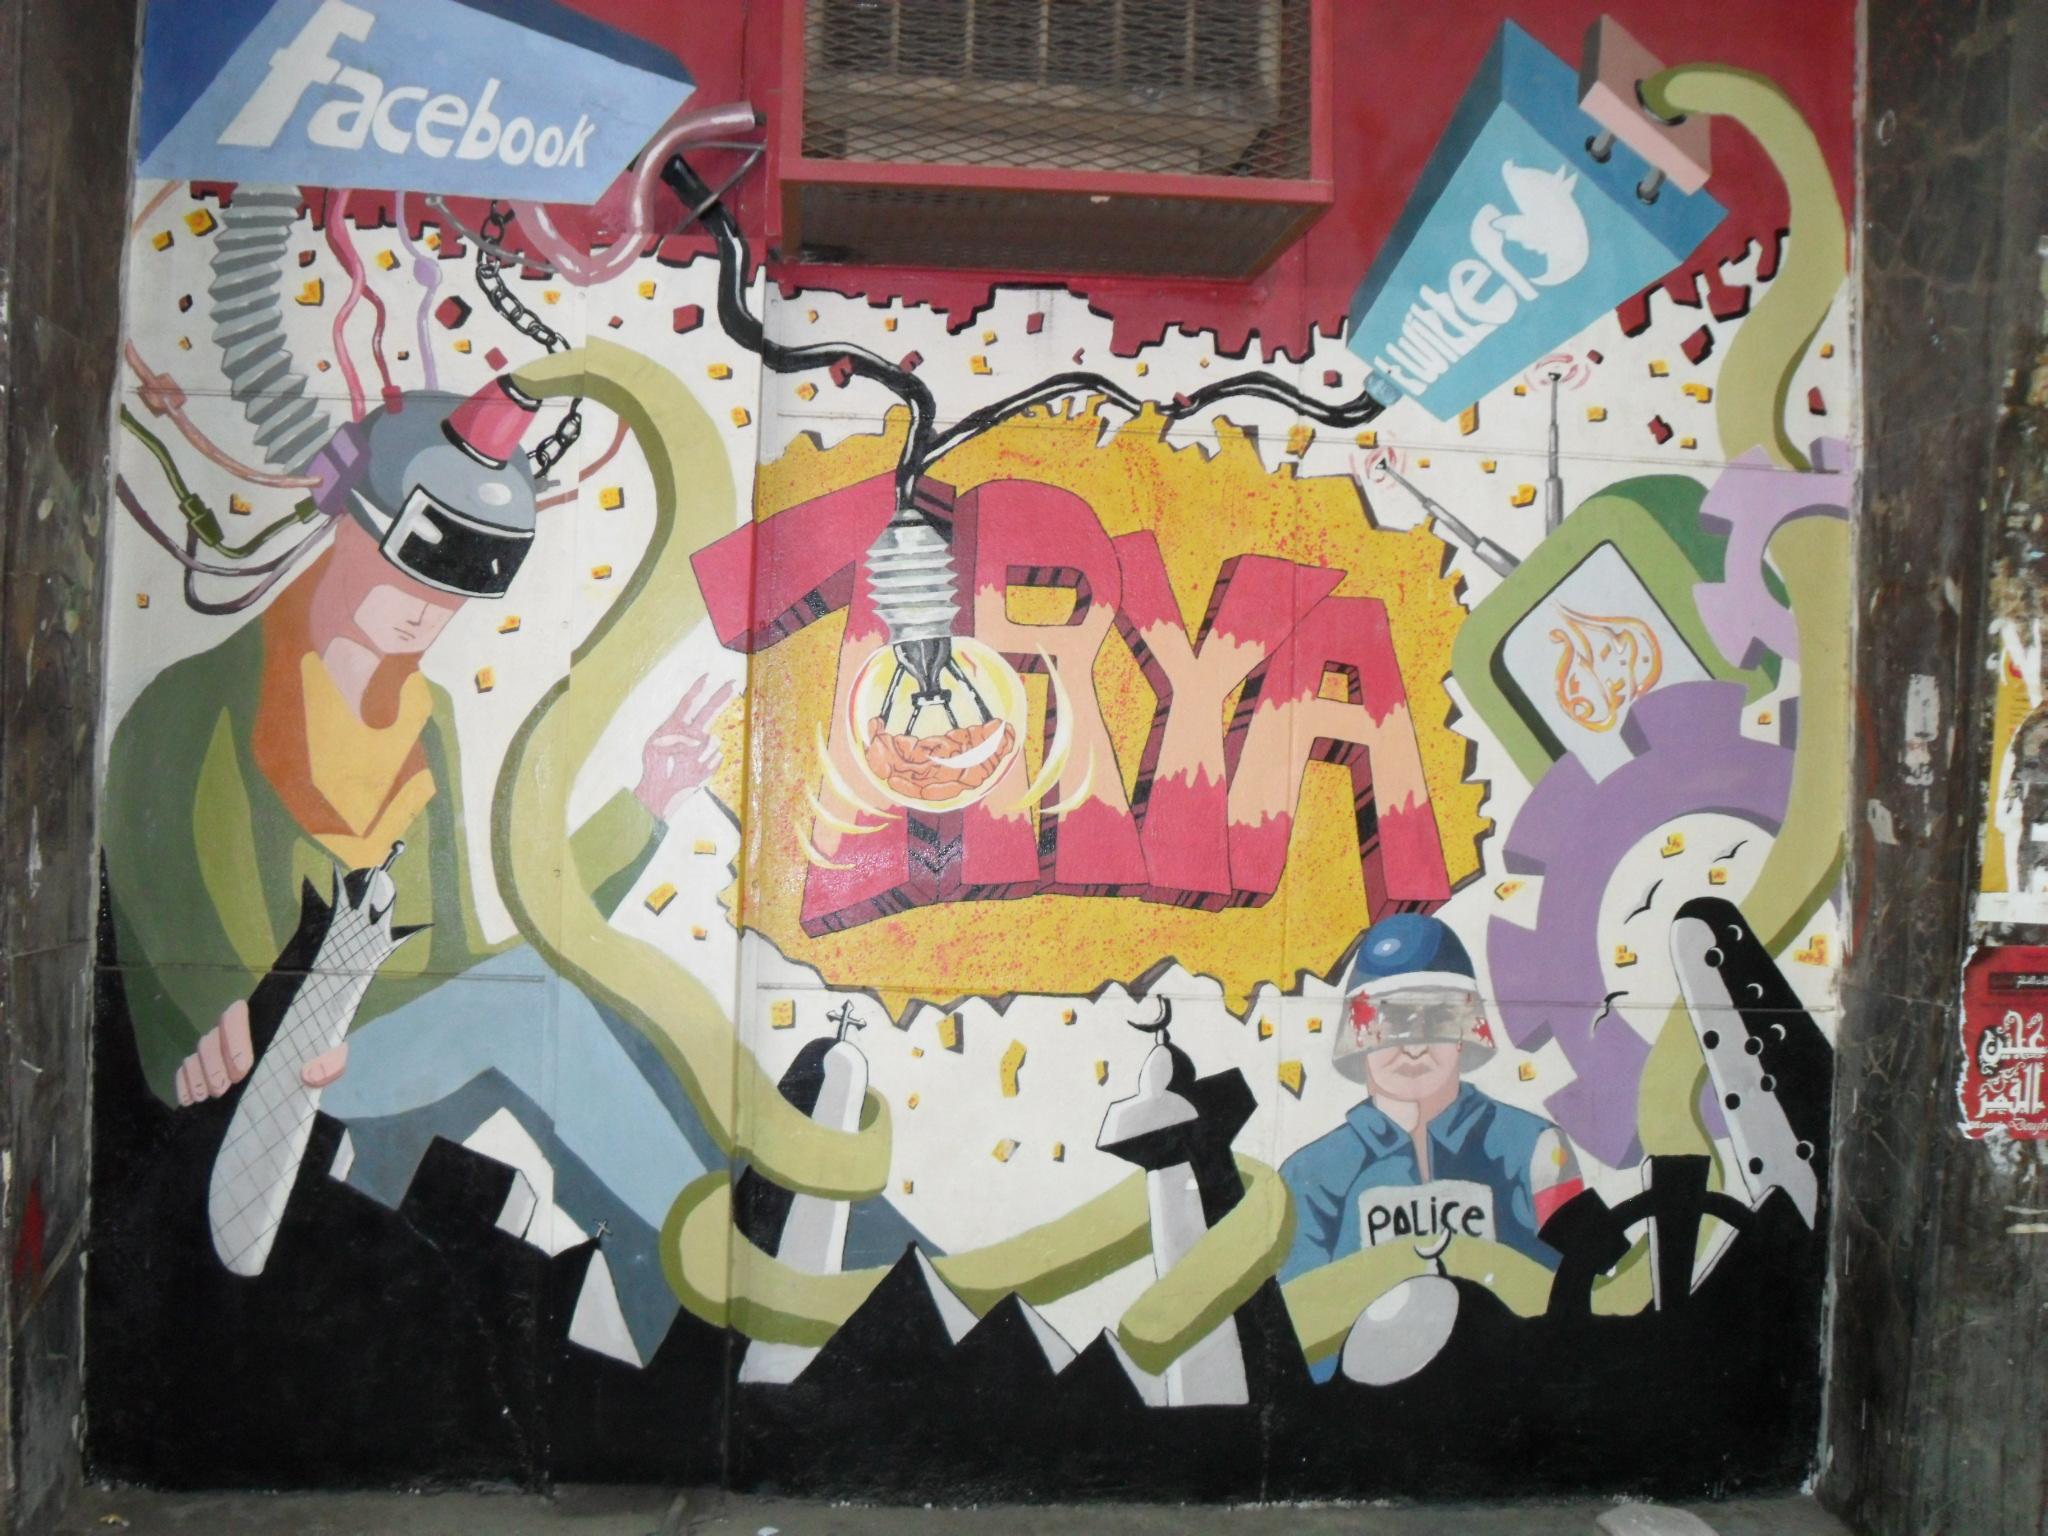 Mural on Cairo street, taken in July 2011